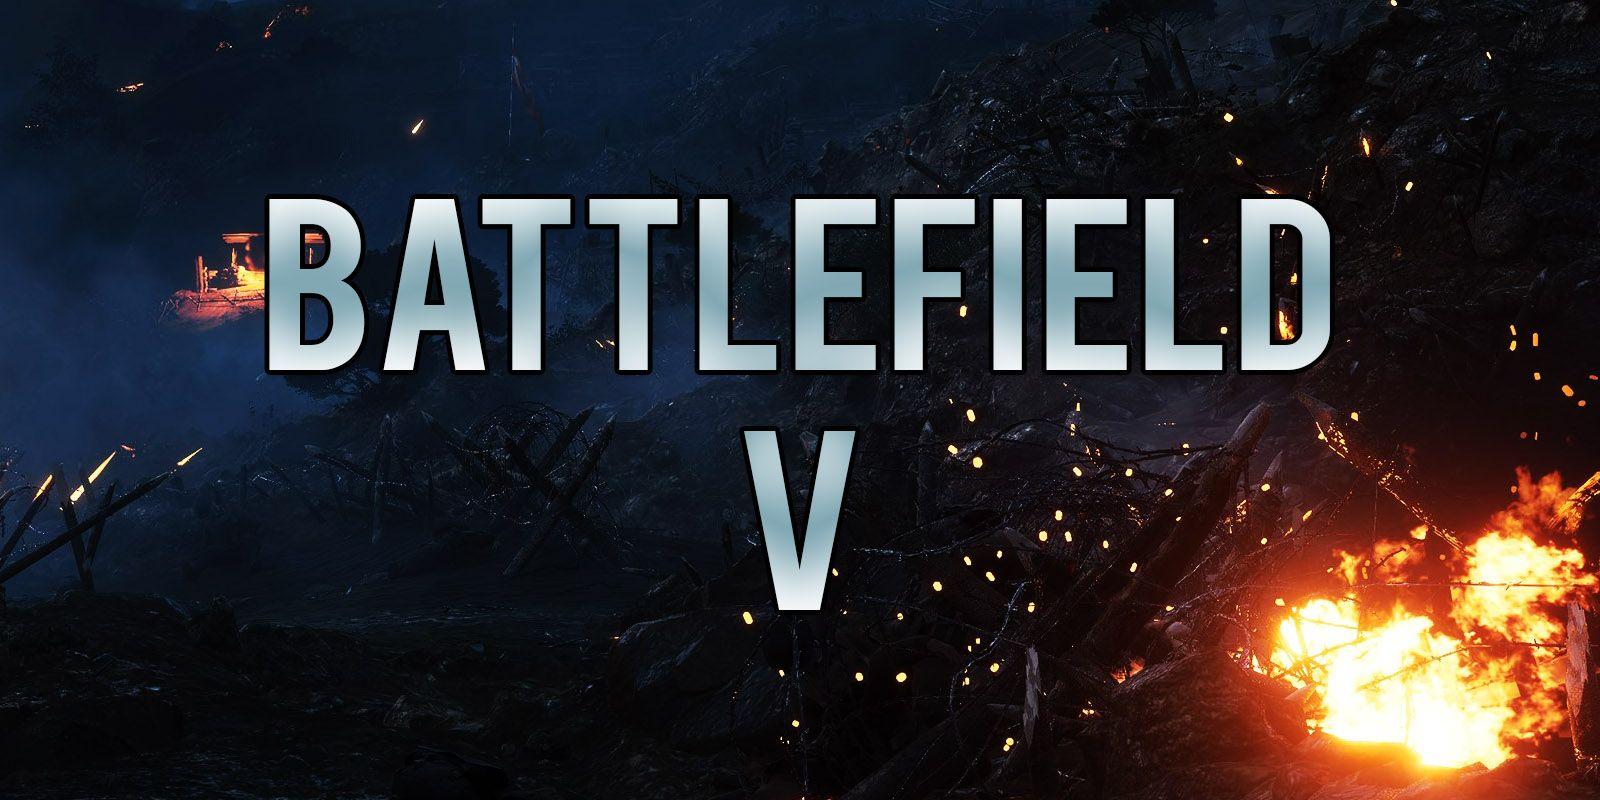 Battlefield 1 official reveal trailer 2016 world war 1 - 2 8